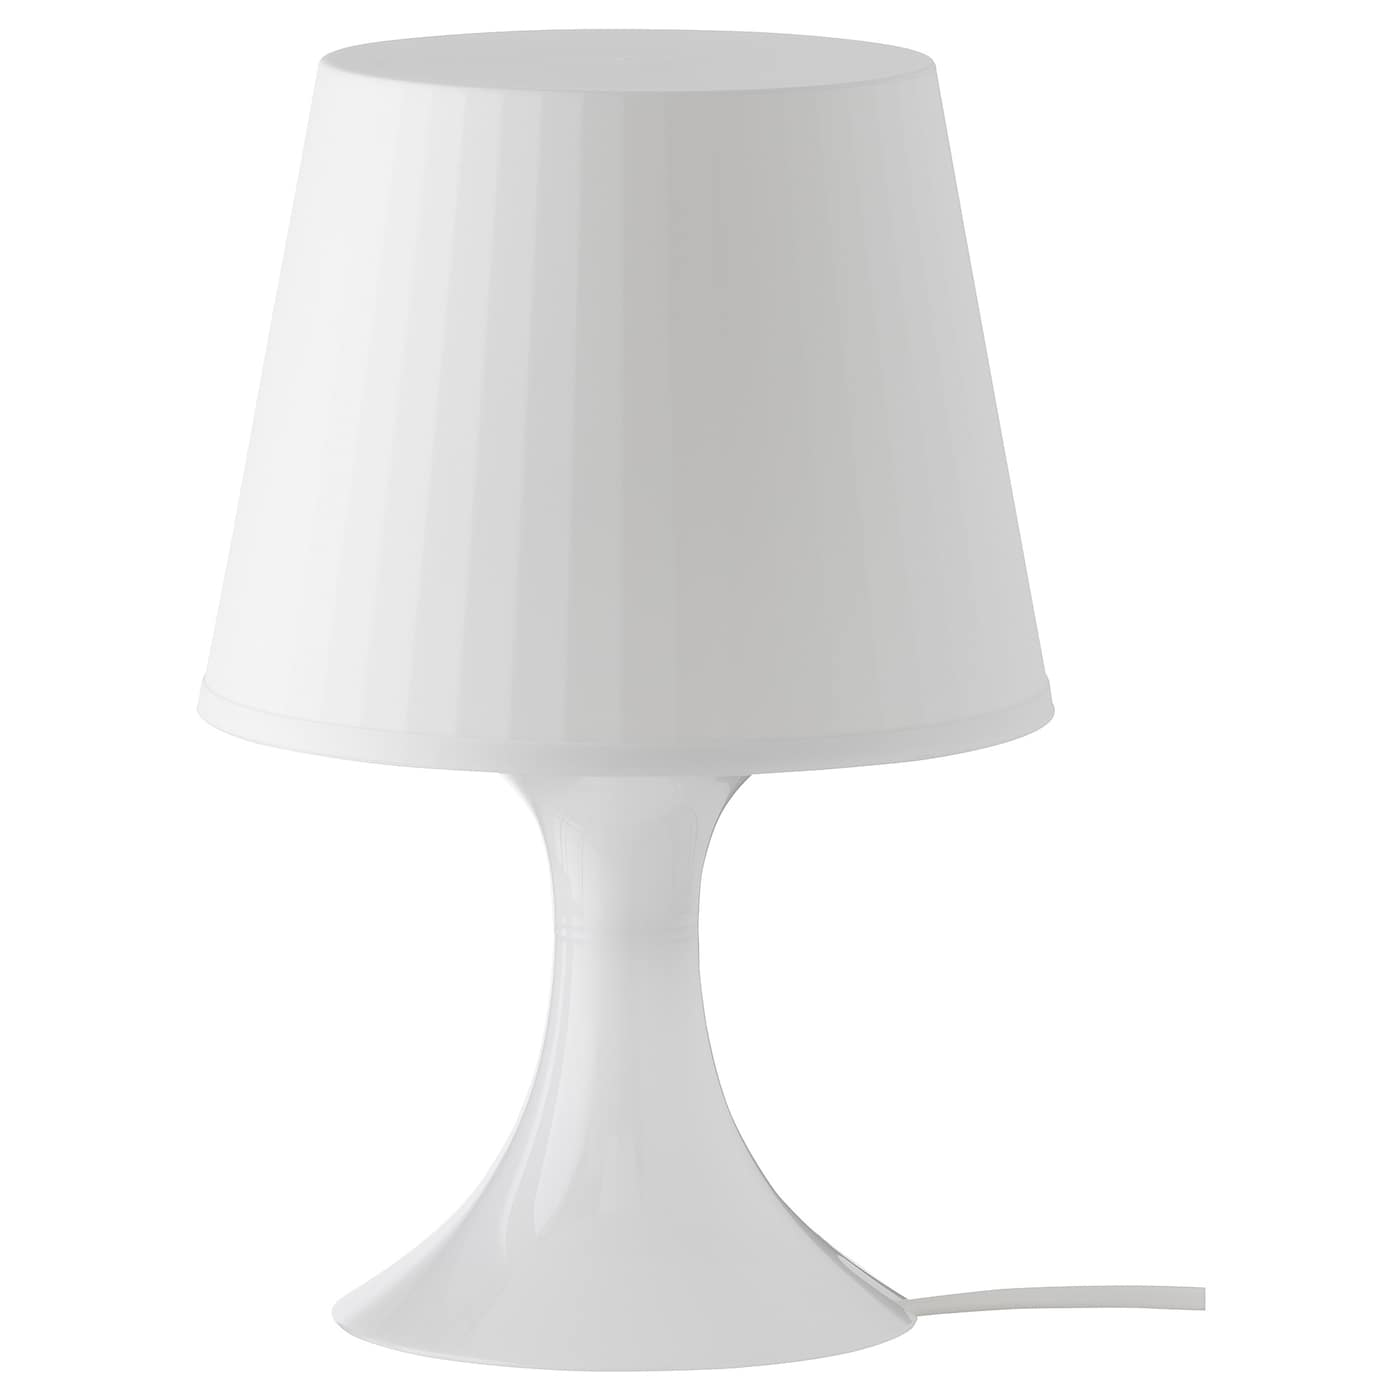 LAMPAN Bordslampa vit 29 cm